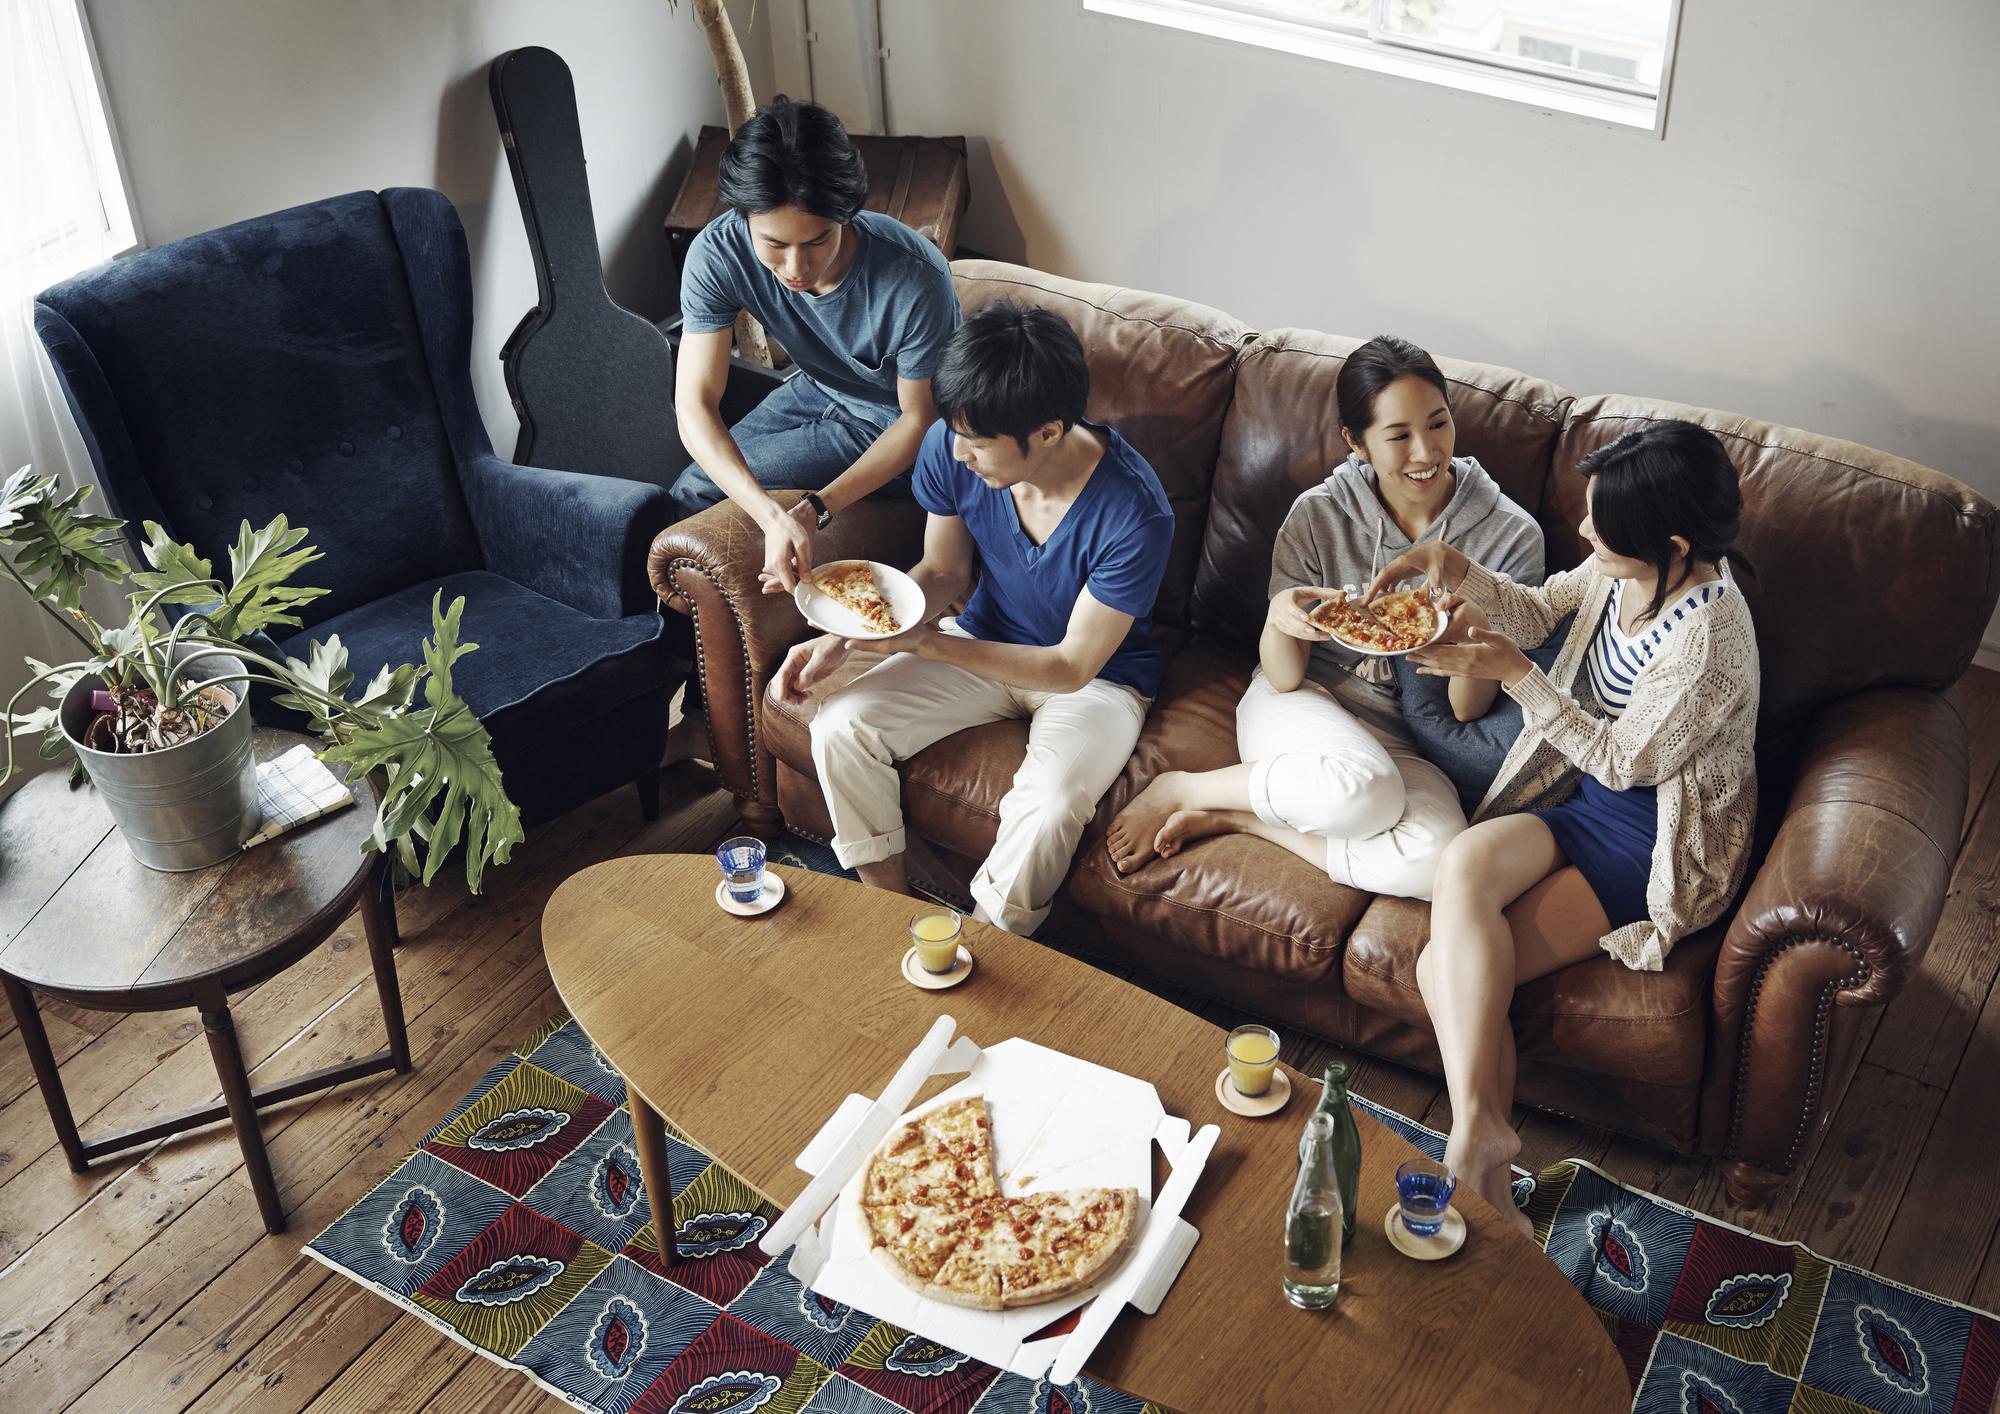 【ホームパーティーVS飲食店】実際どっちがいいの!?